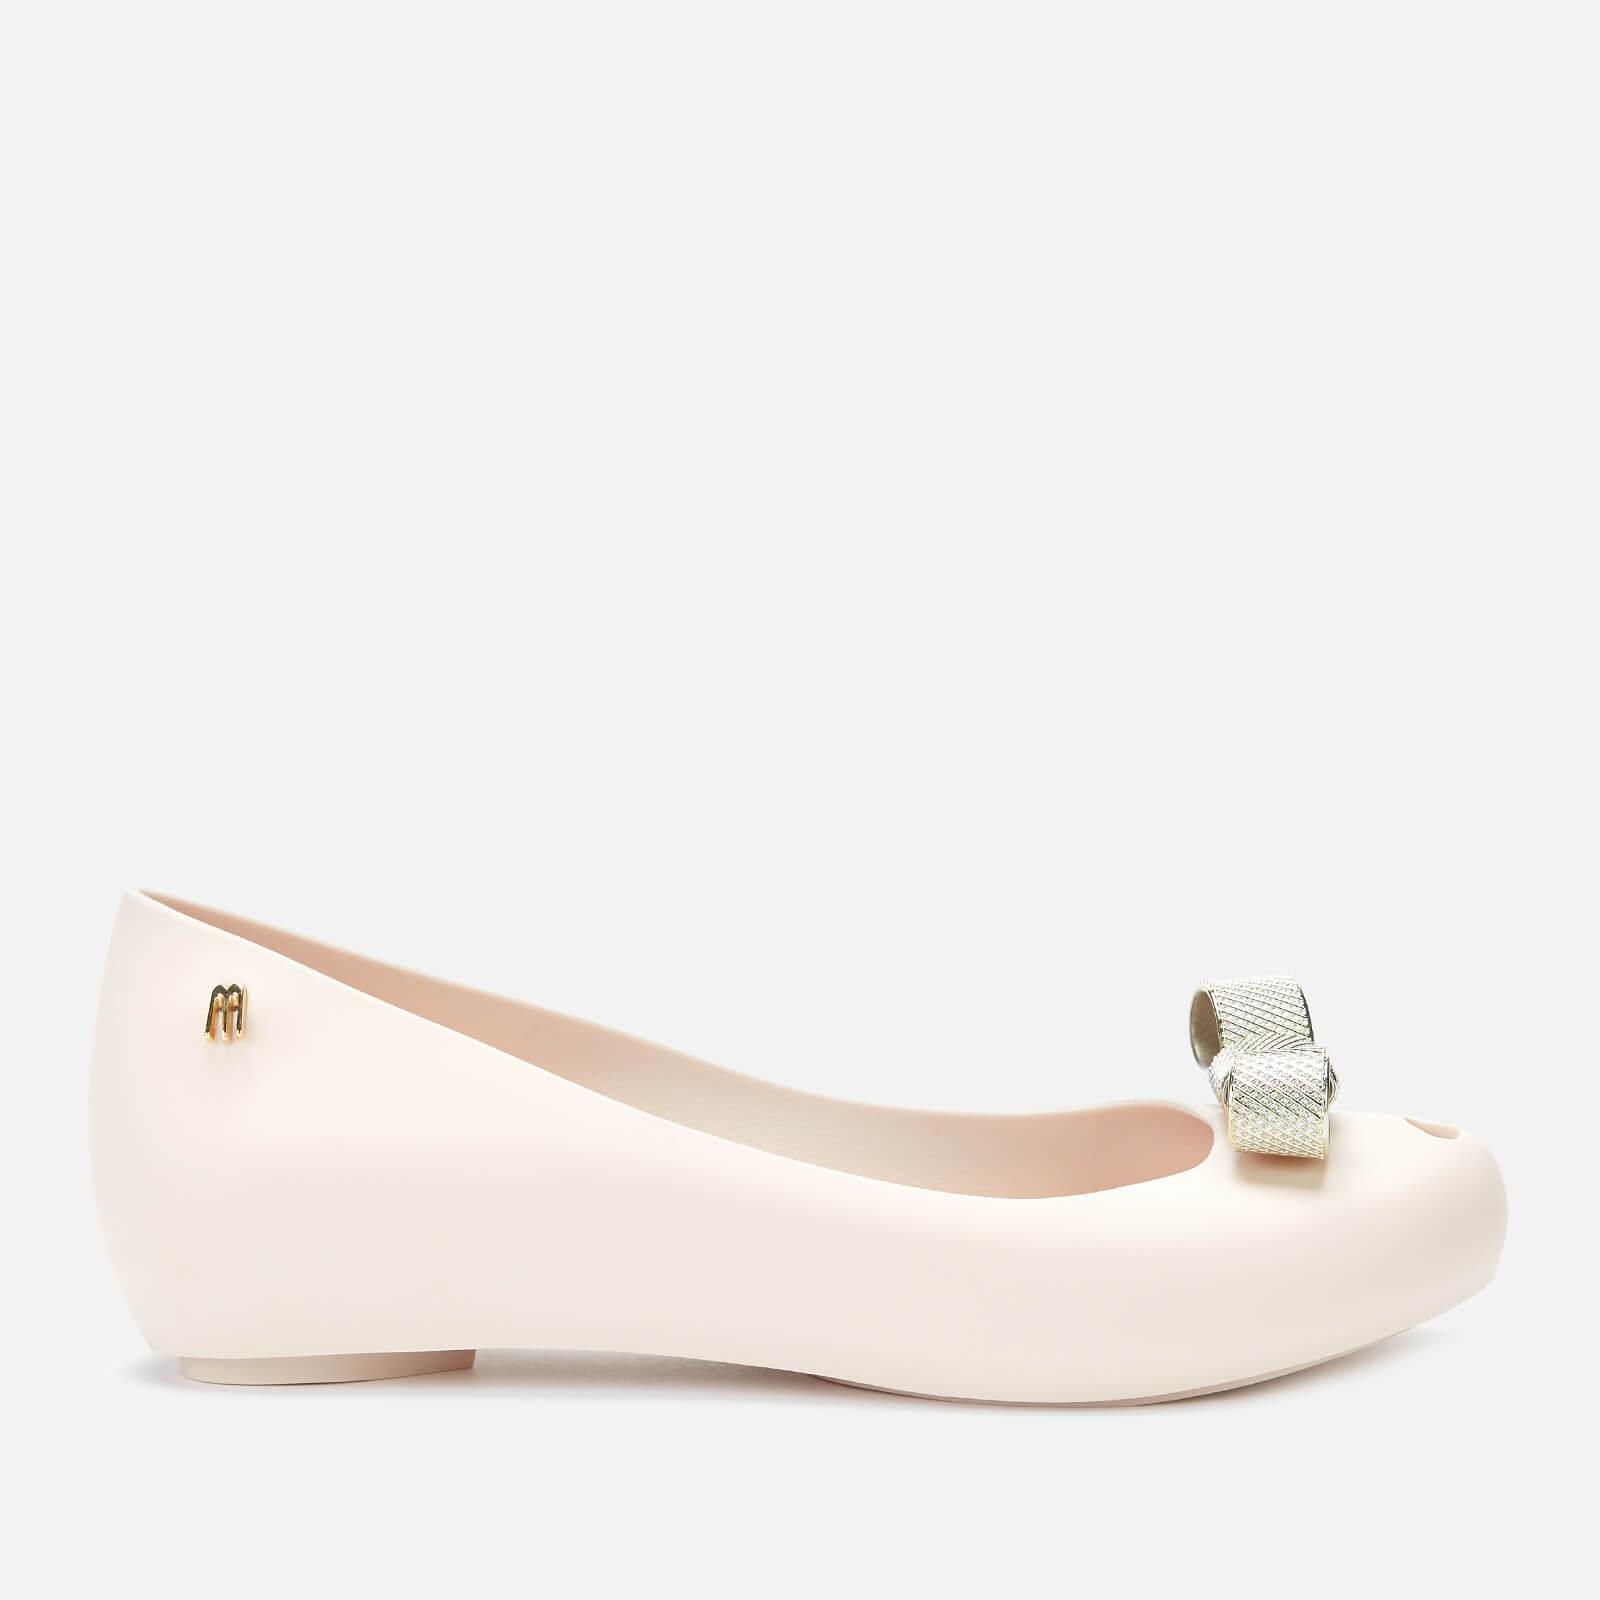 Melissa Women's Ultragirl Chrome Tie Ballet Flats - Ivory - UK 4 - White